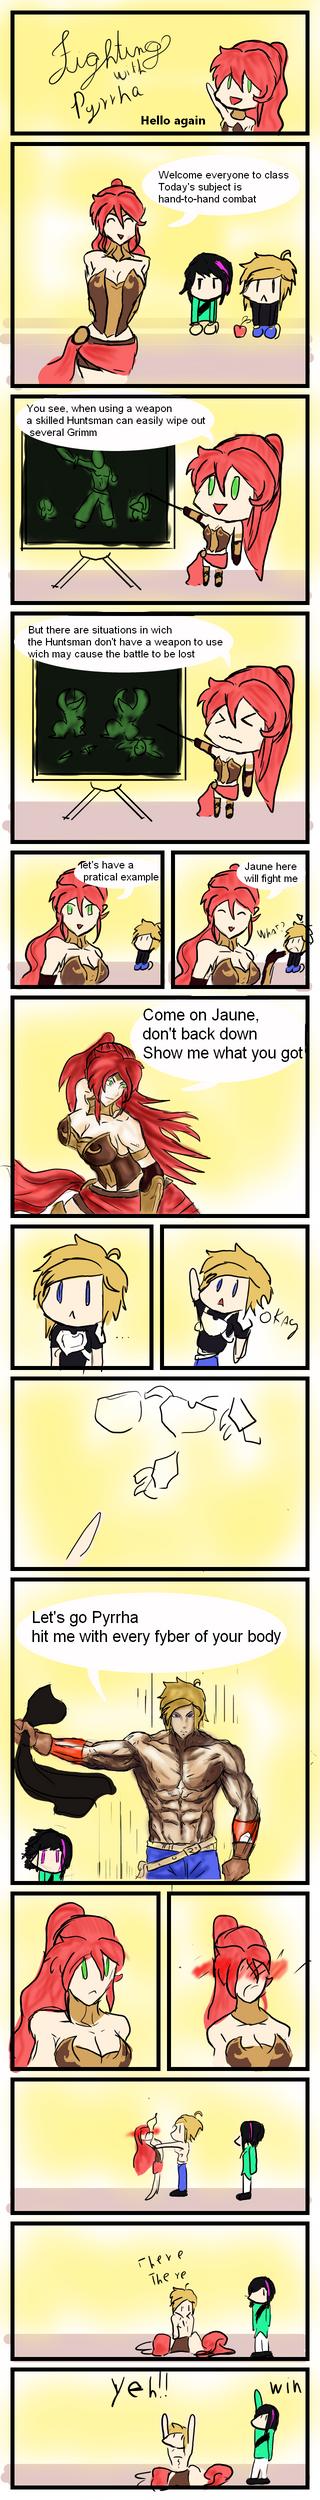 Fighting with Pyrrha 1 by LeonardoFRei